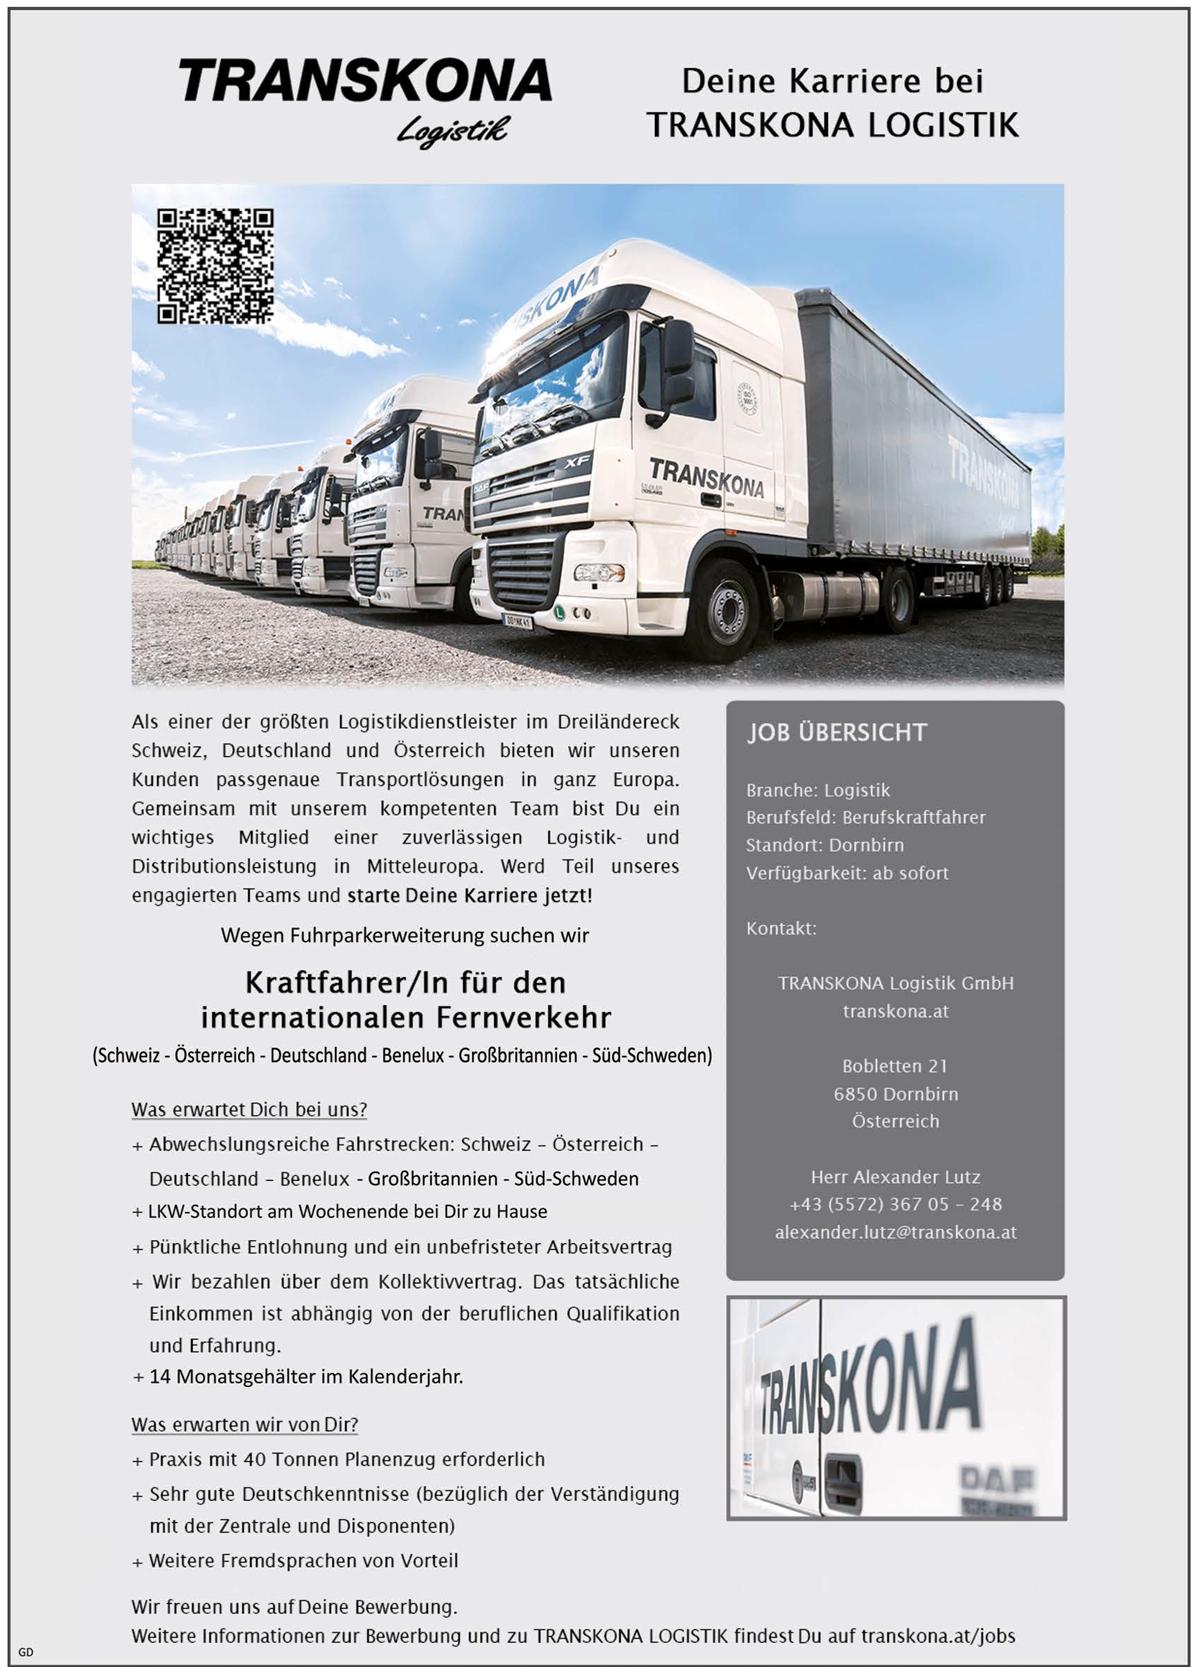 Kraftfahrer / Kraftfahrerin Klasse CE, Klasse 2,   für den internationalen Fernverkehr - TRANSKONA Logistik GmbH - in Dornbirn - stellenecho.de